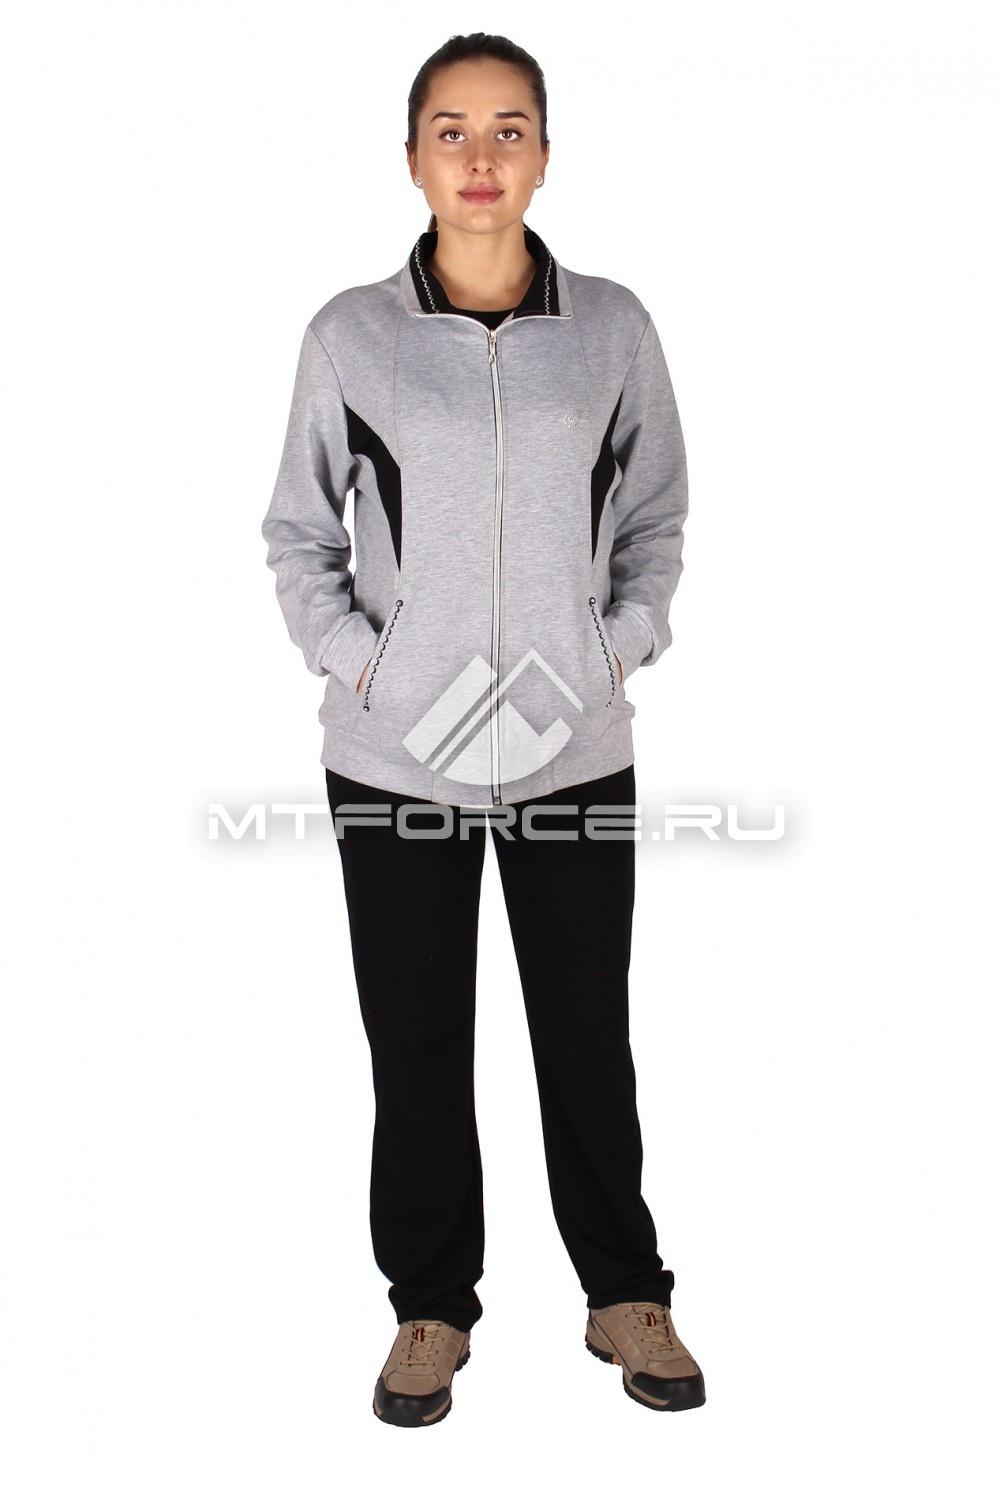 Купить                                  оптом Спортивный костюм женский большого размера серого цвета 0022Sr